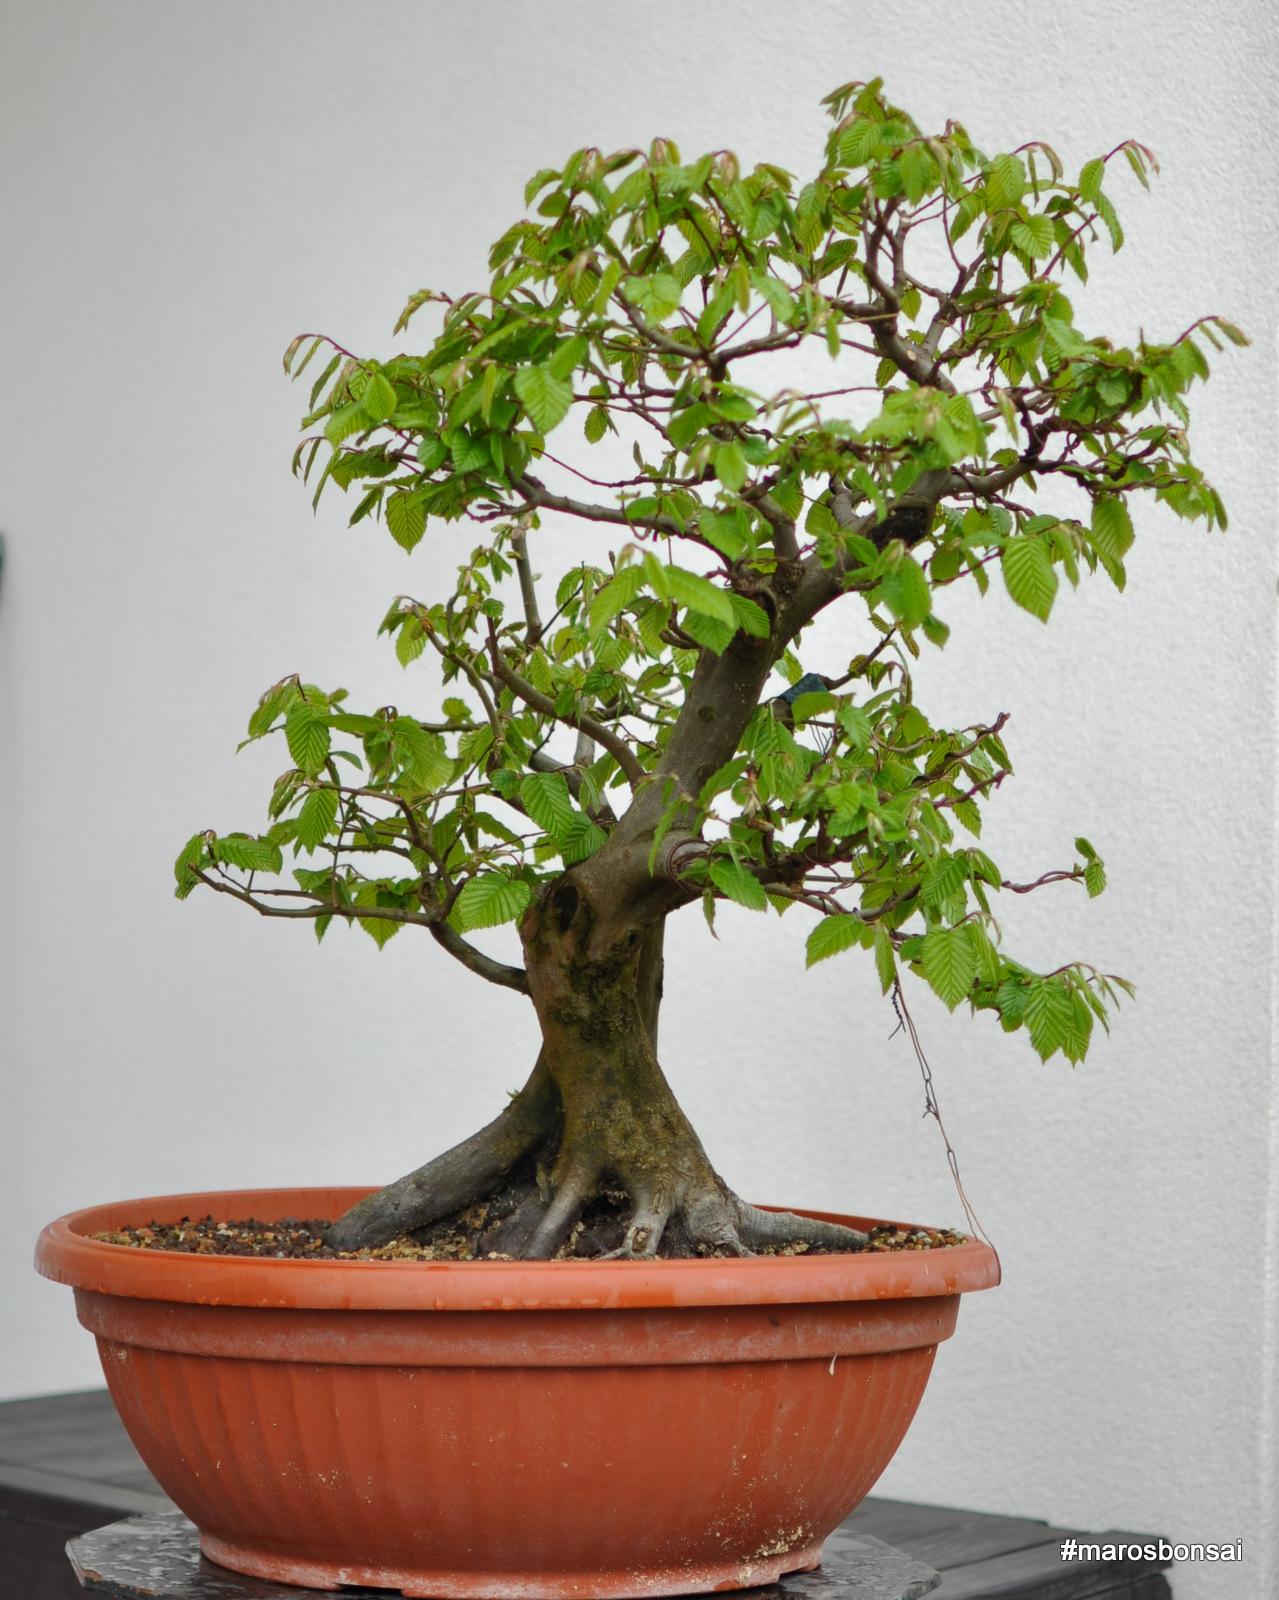 Maros Bonsai Blog Story Of My Bonsai Tree Hornbeam No3 Gemini